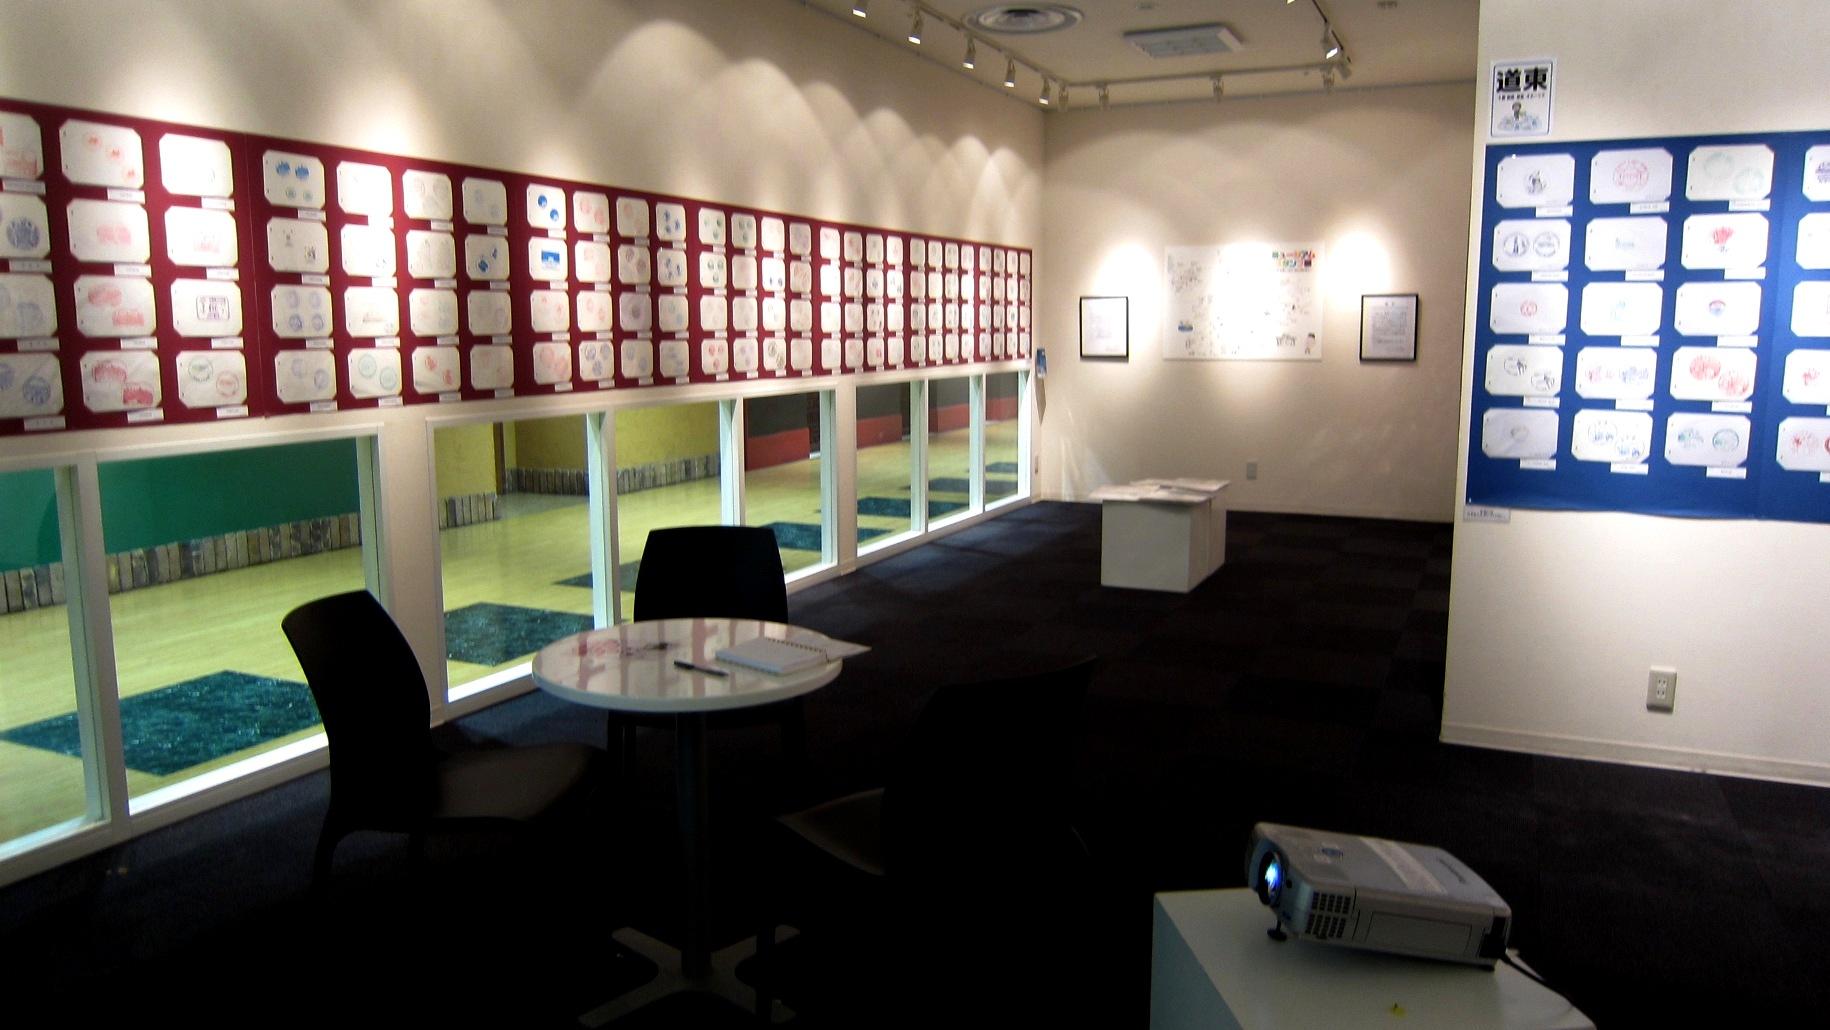 2037)「ミュージアム スタンプ展 ~ドクターコン コレクション~」 新さっぽろg. 5月1日(水)~5月13日(月)_f0126829_21285459.jpg